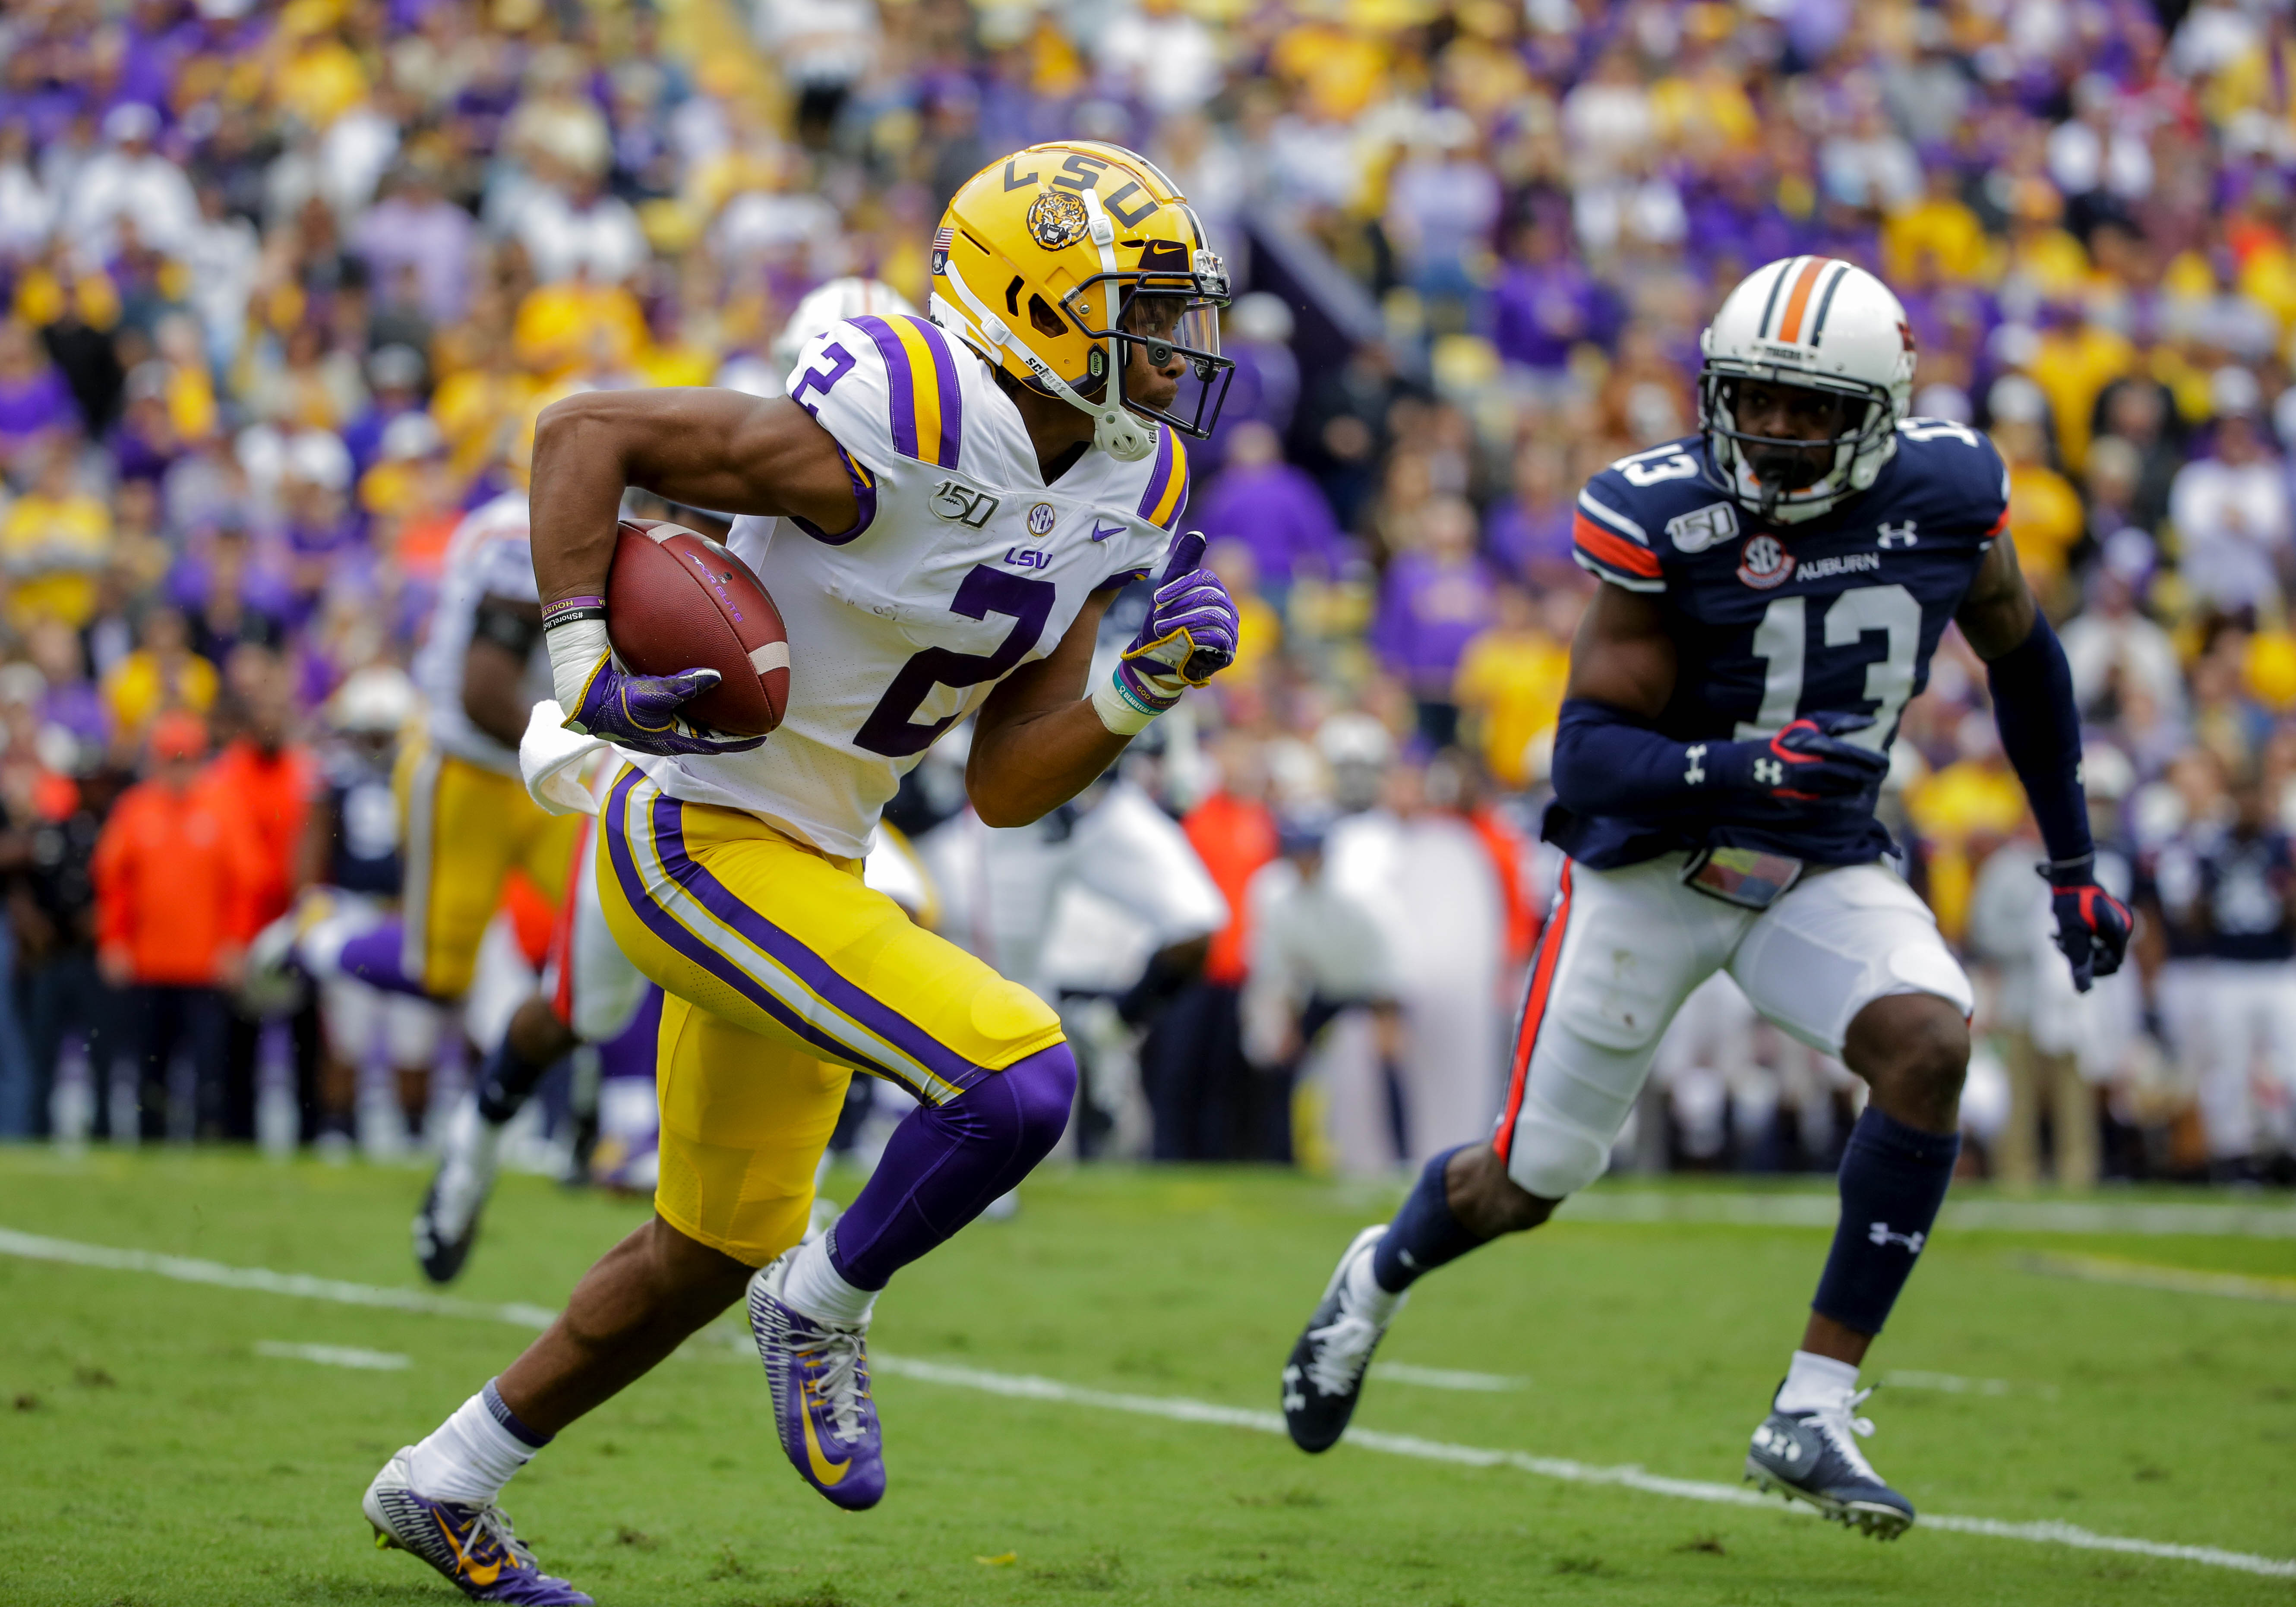 NCAA Football: Auburn at Louisiana State